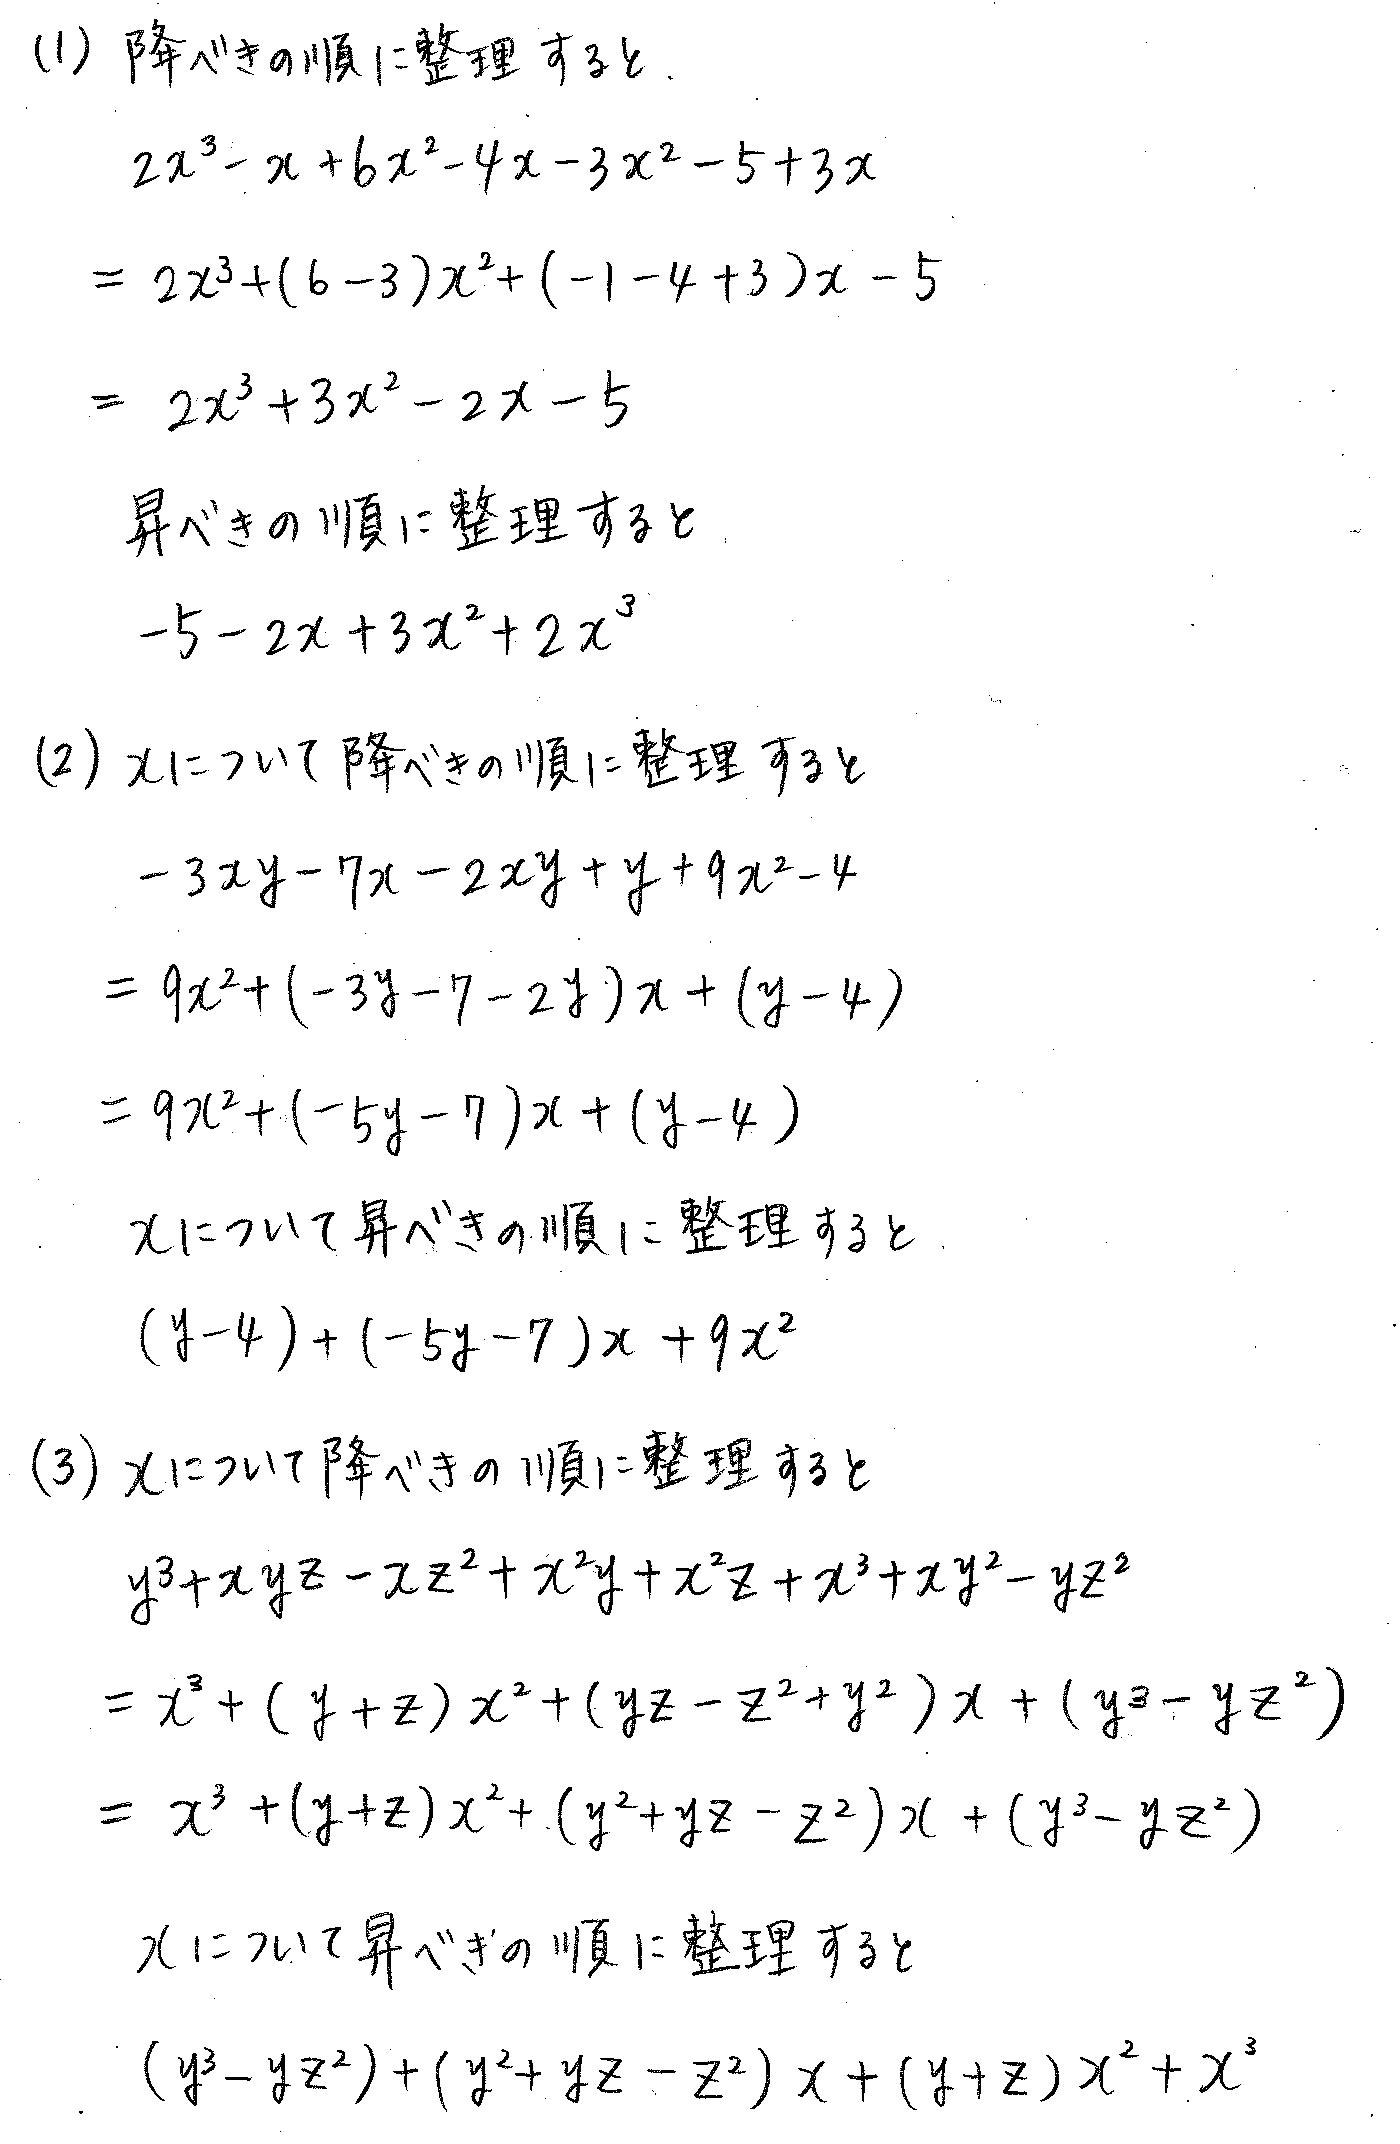 クリアー数学1-8解答